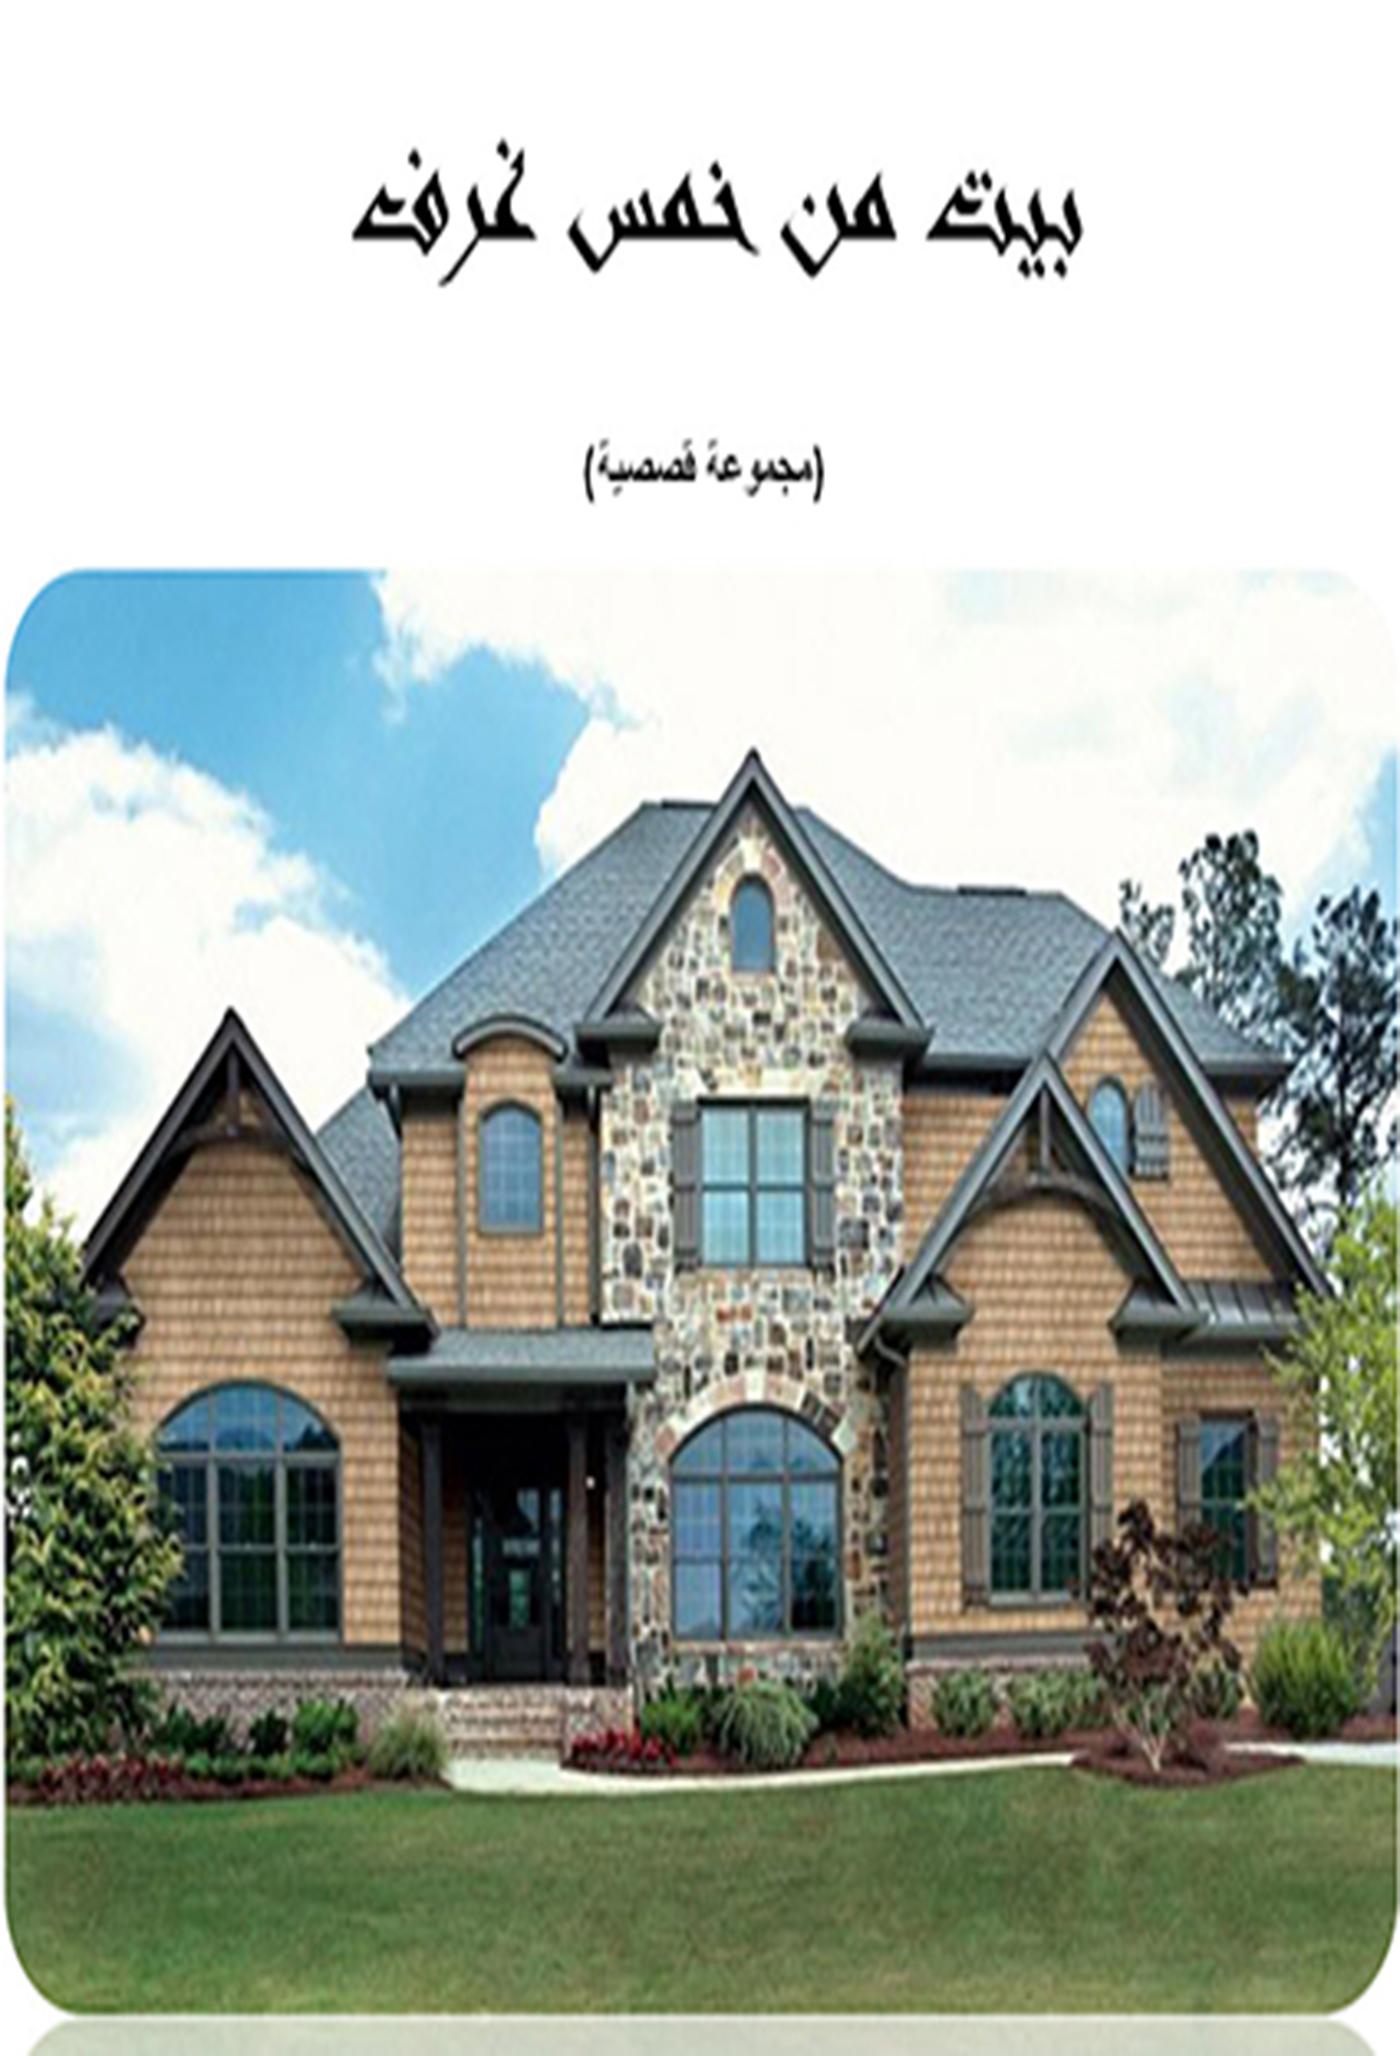 بيت من خمس غرف (مجموعة قصصية)